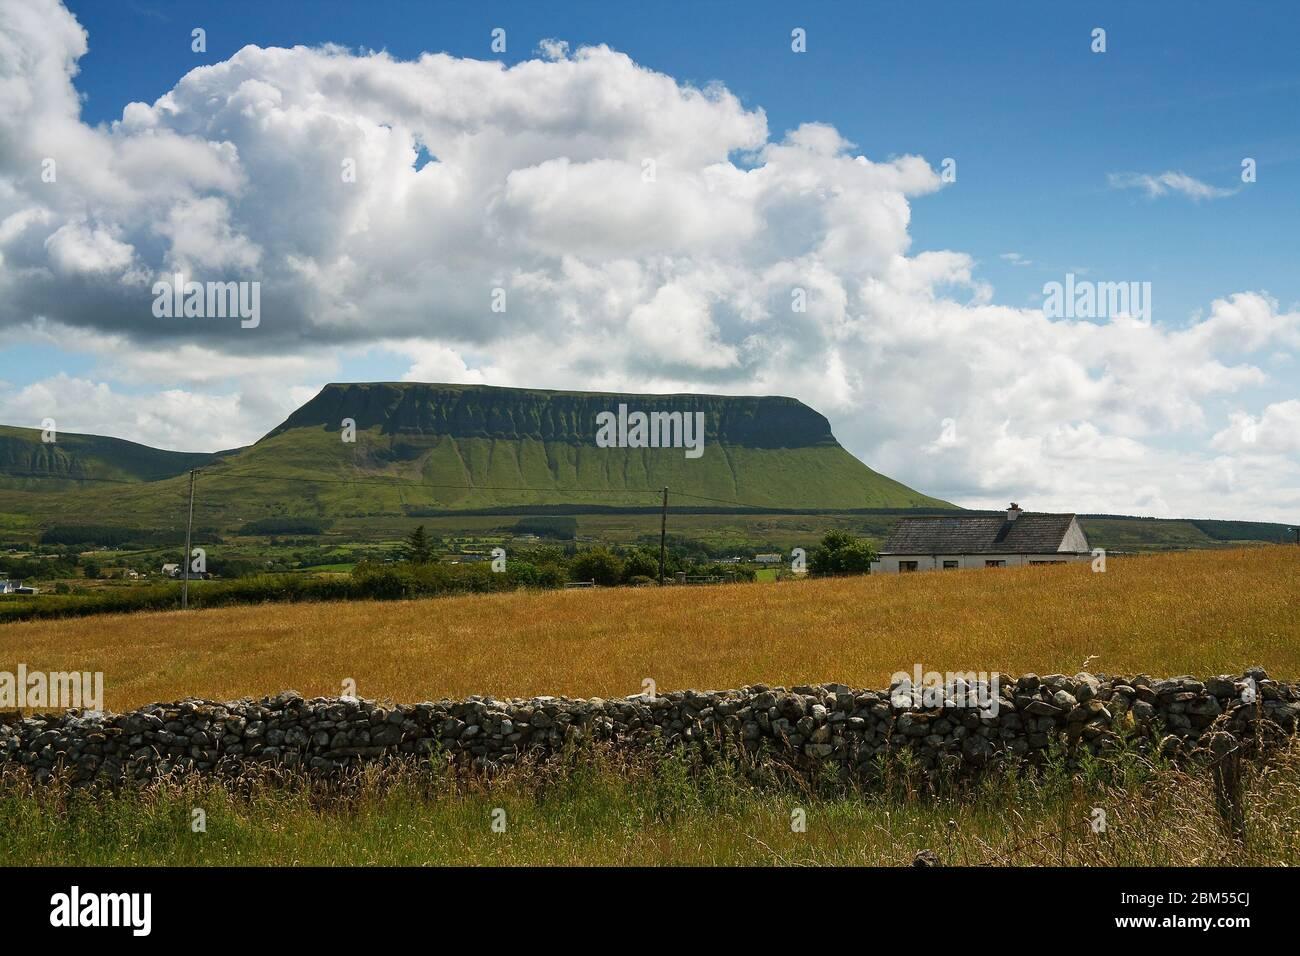 Ben Bulben mountain in County Sligo, Ireland. Stock Photo